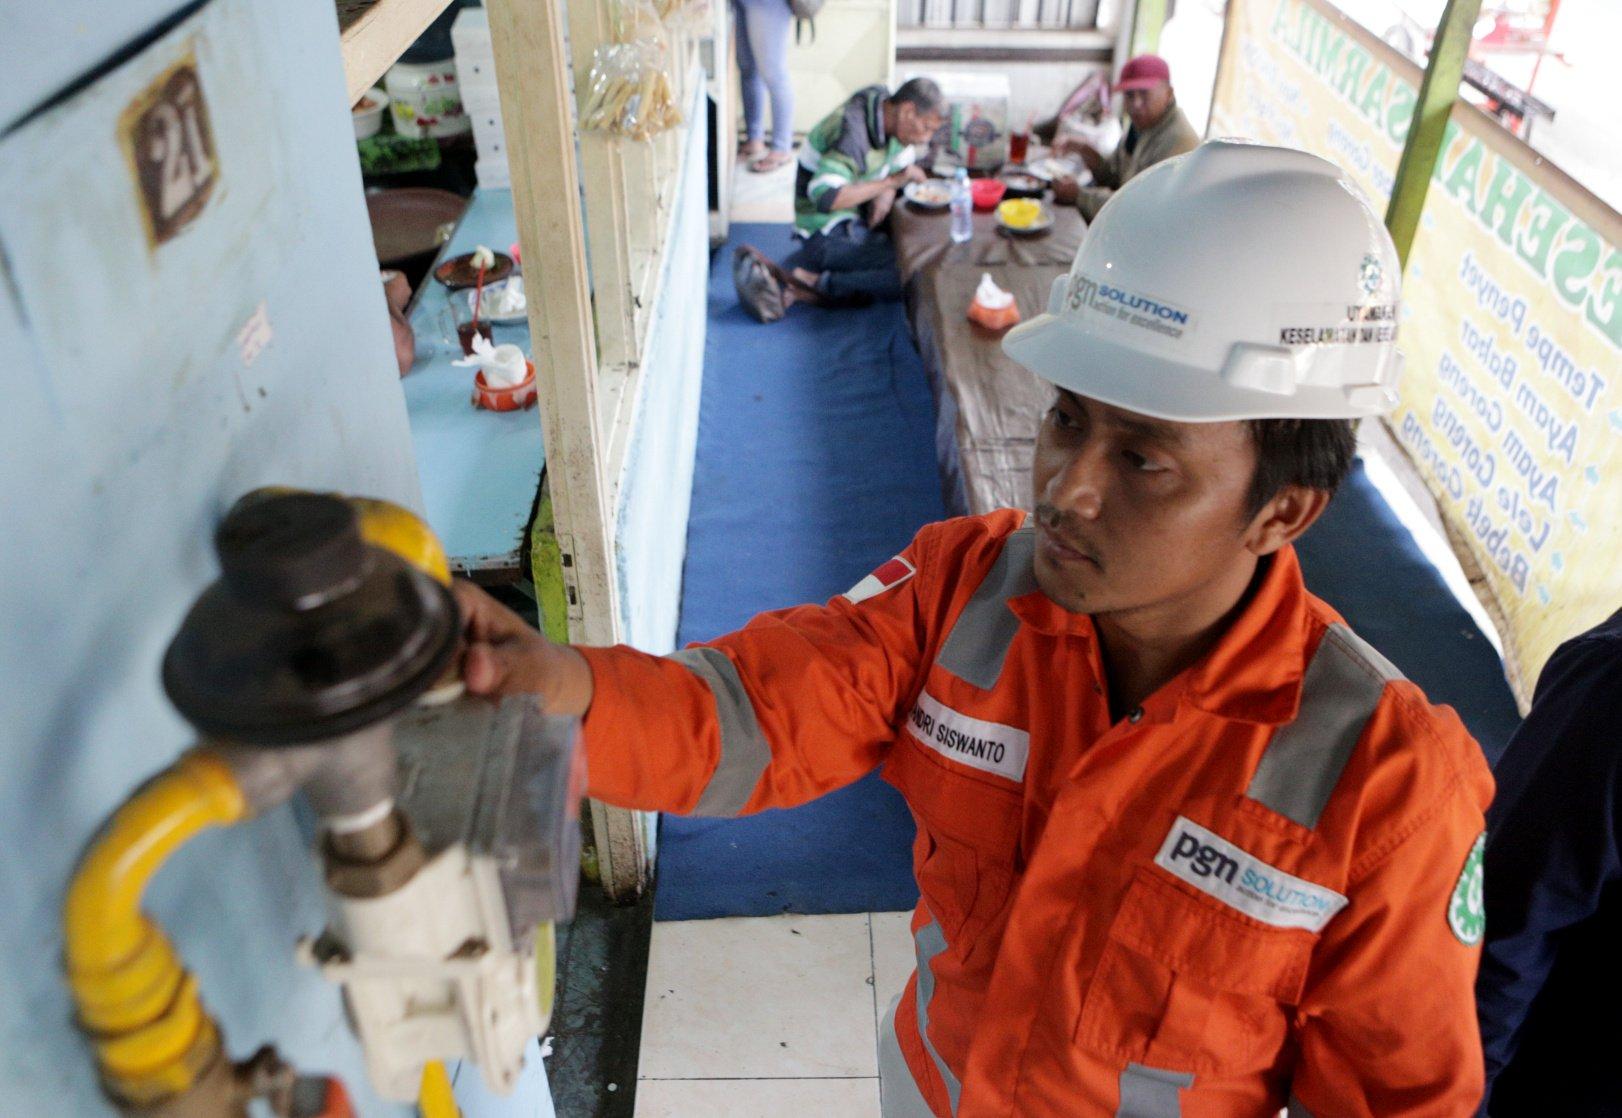 Ilustrasi pekerja memantau jaringan gas (jargas) di rumah makan, Wr. Supratman, Purworejo, Kebonsari, Panggungrejo, Kota Pasuruan, Jawa Timur (1 7/10/2019). PGN telah mendistribusikan gas Bumi ke 352.433 pelanggan yang terdiri dari rumah tangga, pelanggan kecil, komersial, industri dan pembangkitan listrik sebesar 932 BBTUD. Rinciannya, sektor rumah tangga 348.508 pelanggan, lalu pelanggan kecil sebanyak 1.487 dan industri besar serta komersial sebanyak 2.438 pelanggan.